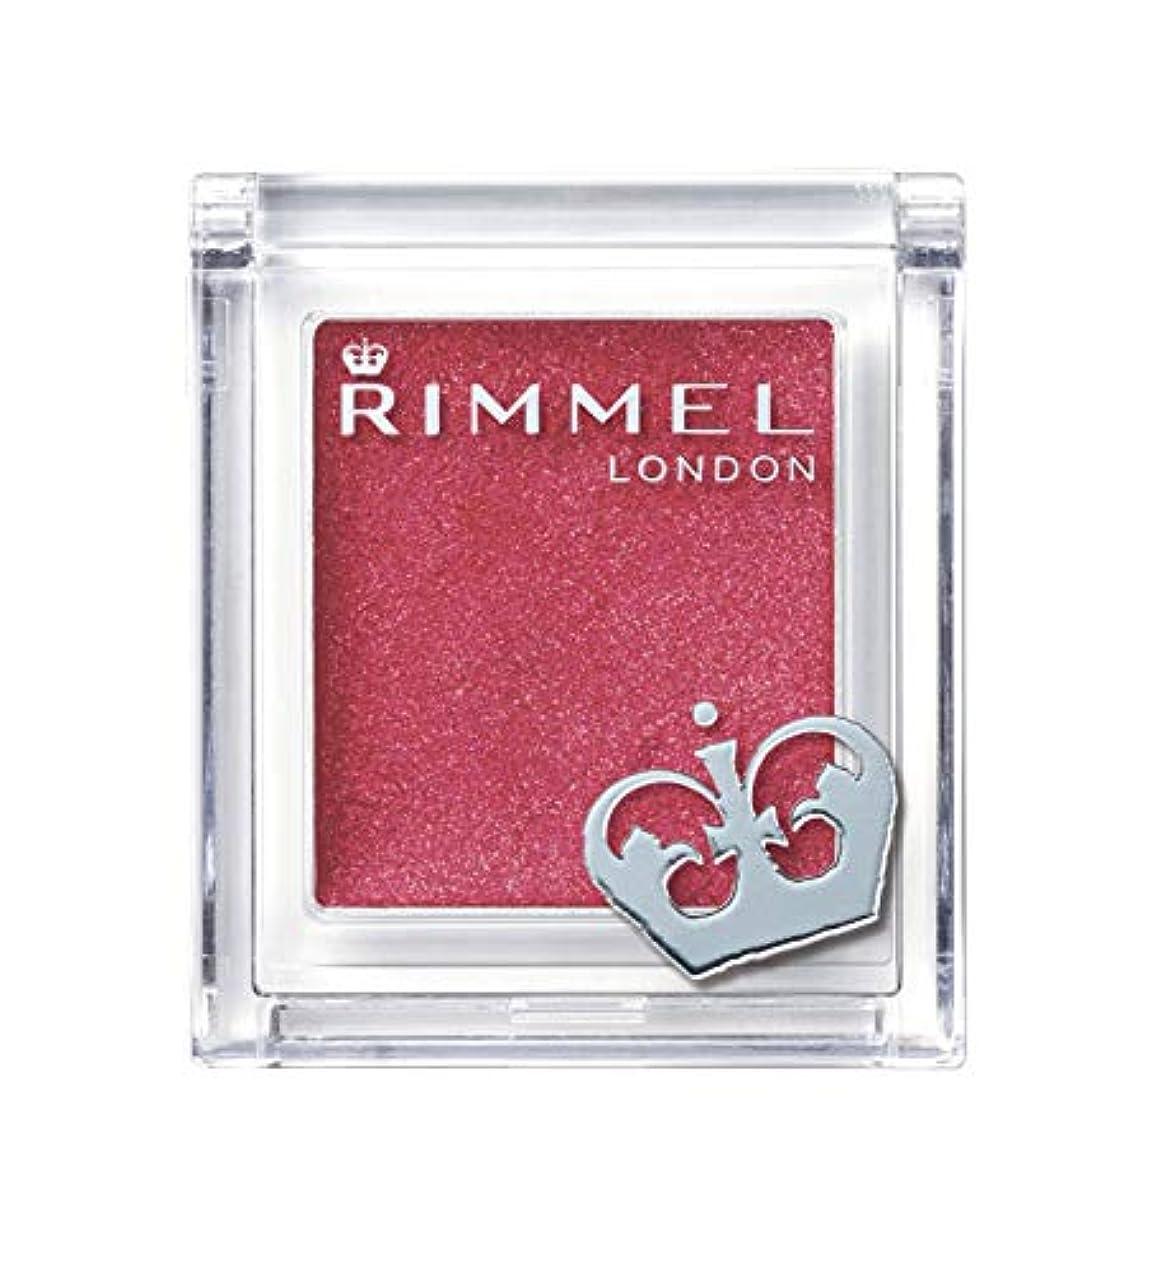 疫病お願いします四面体Rimmel (リンメル) リンメル プリズム パウダーアイカラー 024 ウォームレッド 1.5g アイシャドウ